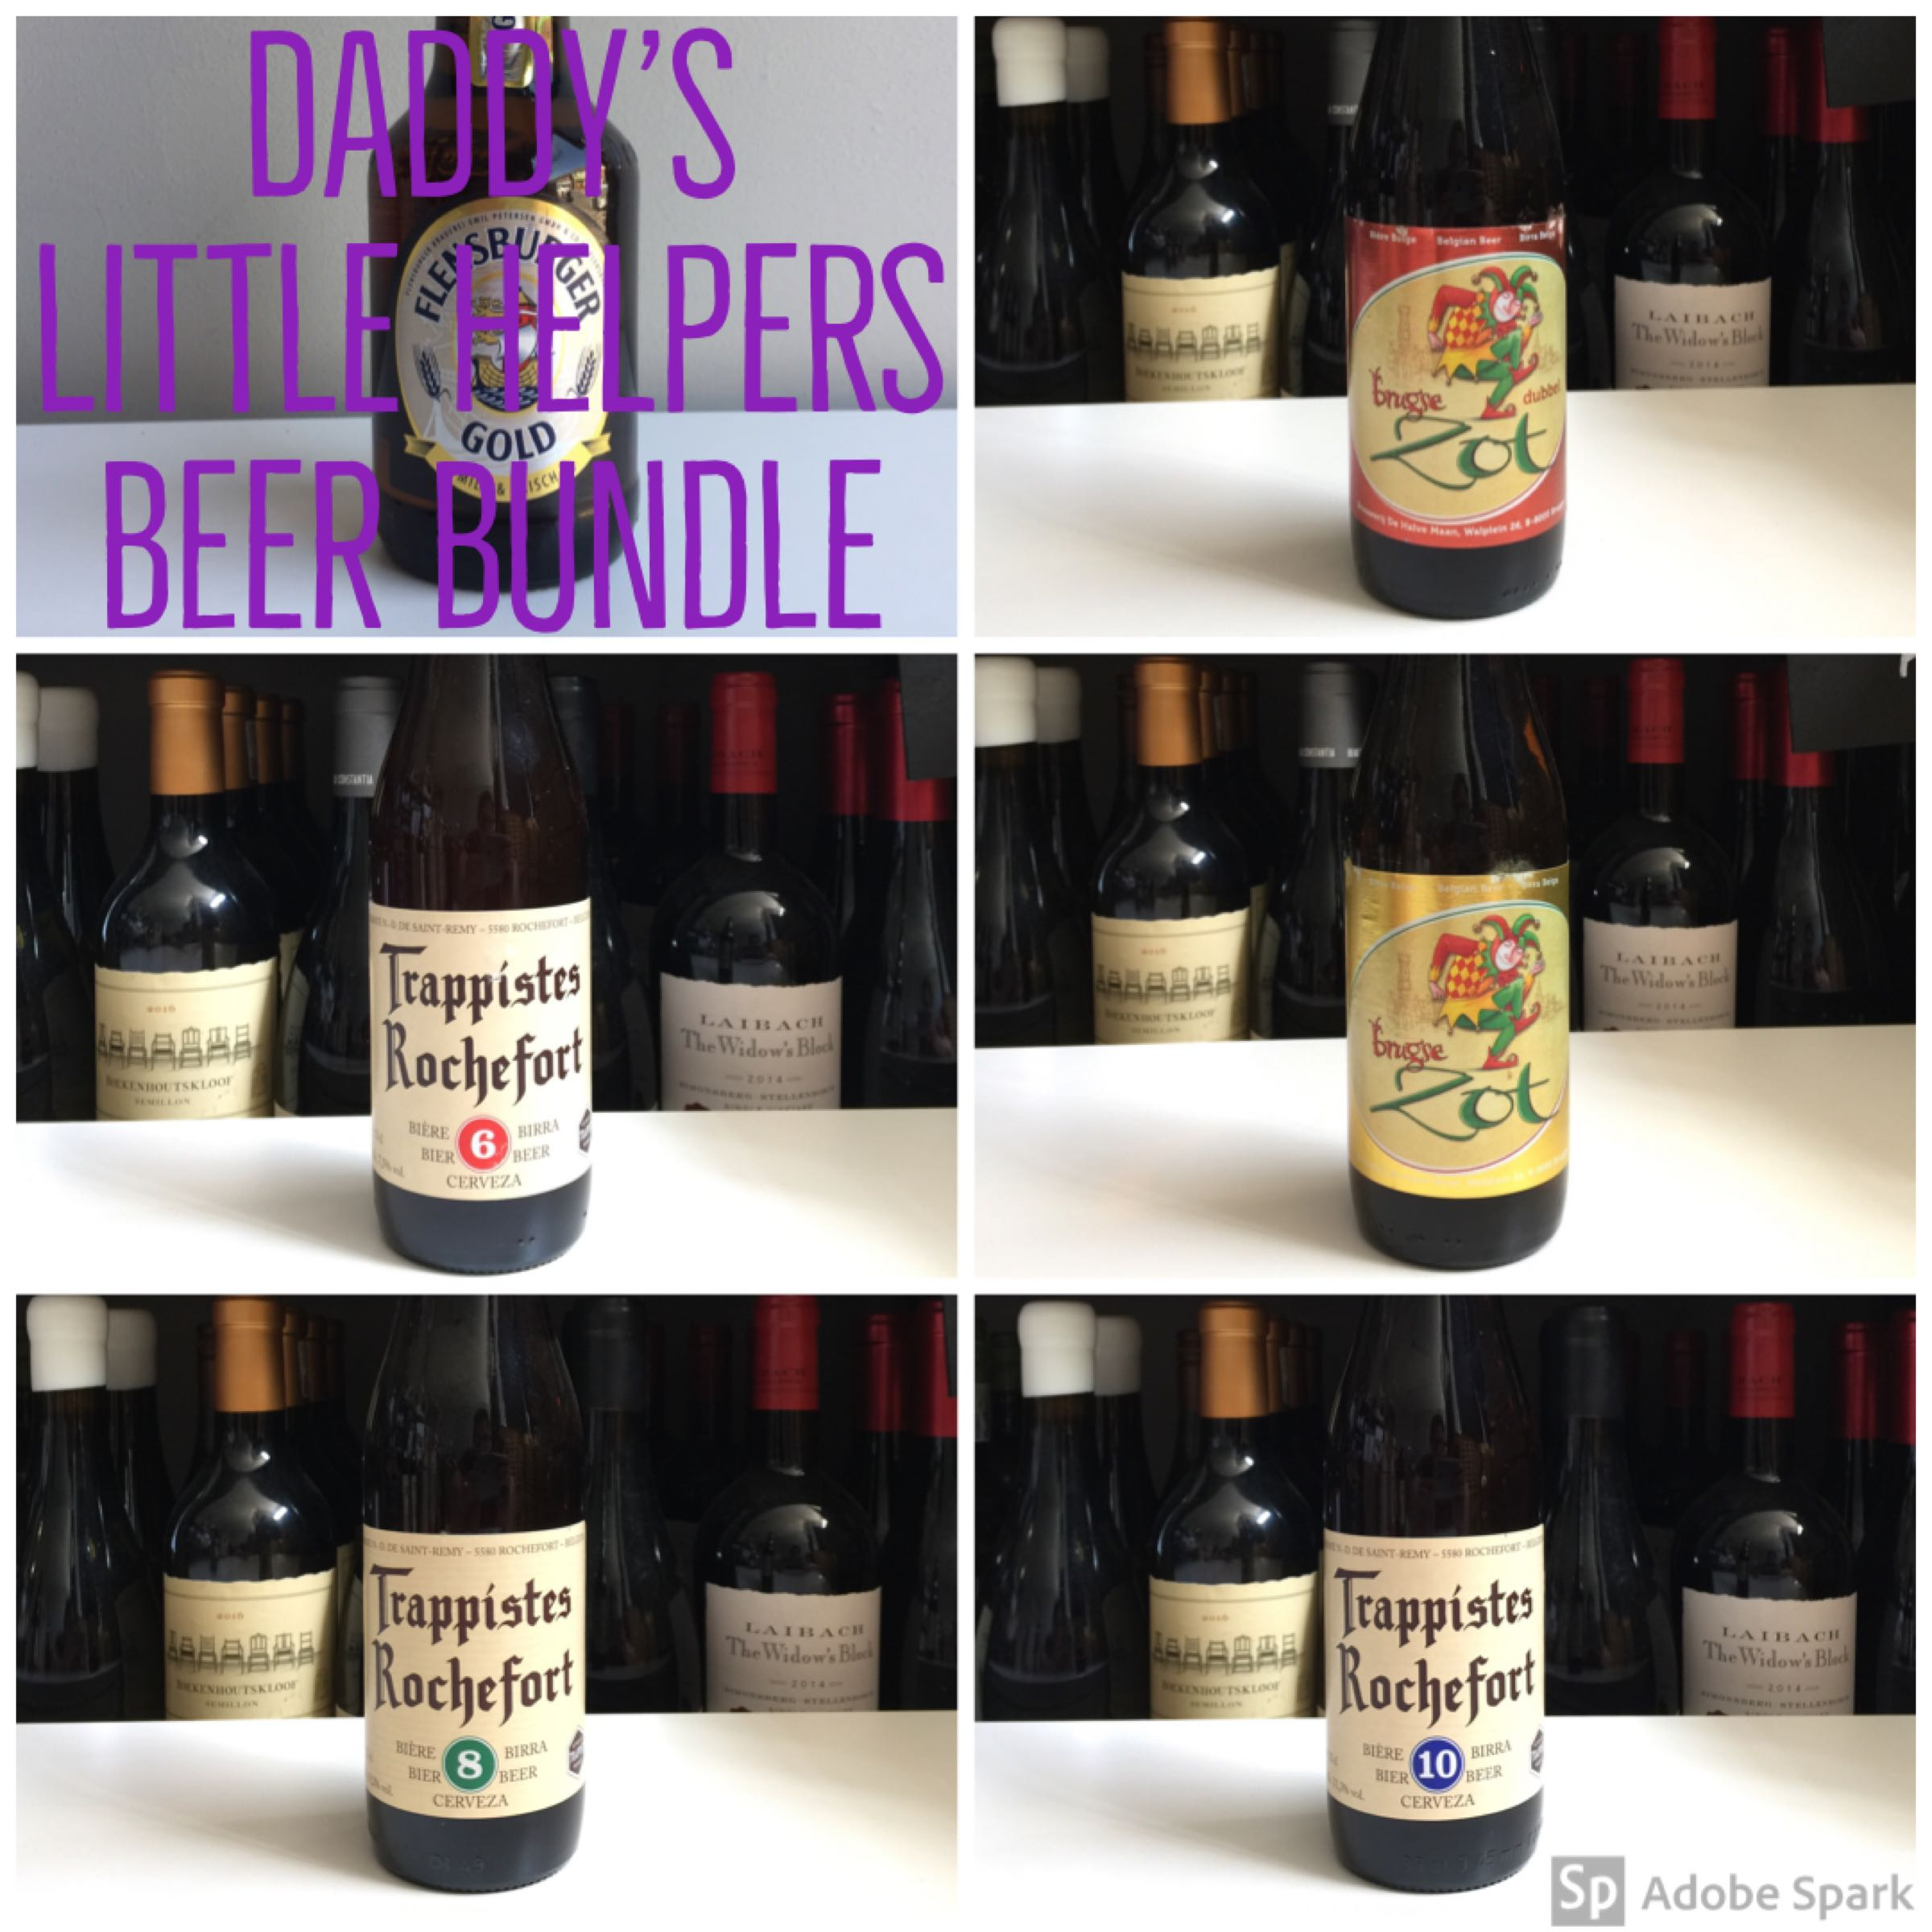 Daddy's little helpers - selection of 6 Belgium beers 330ml bottles